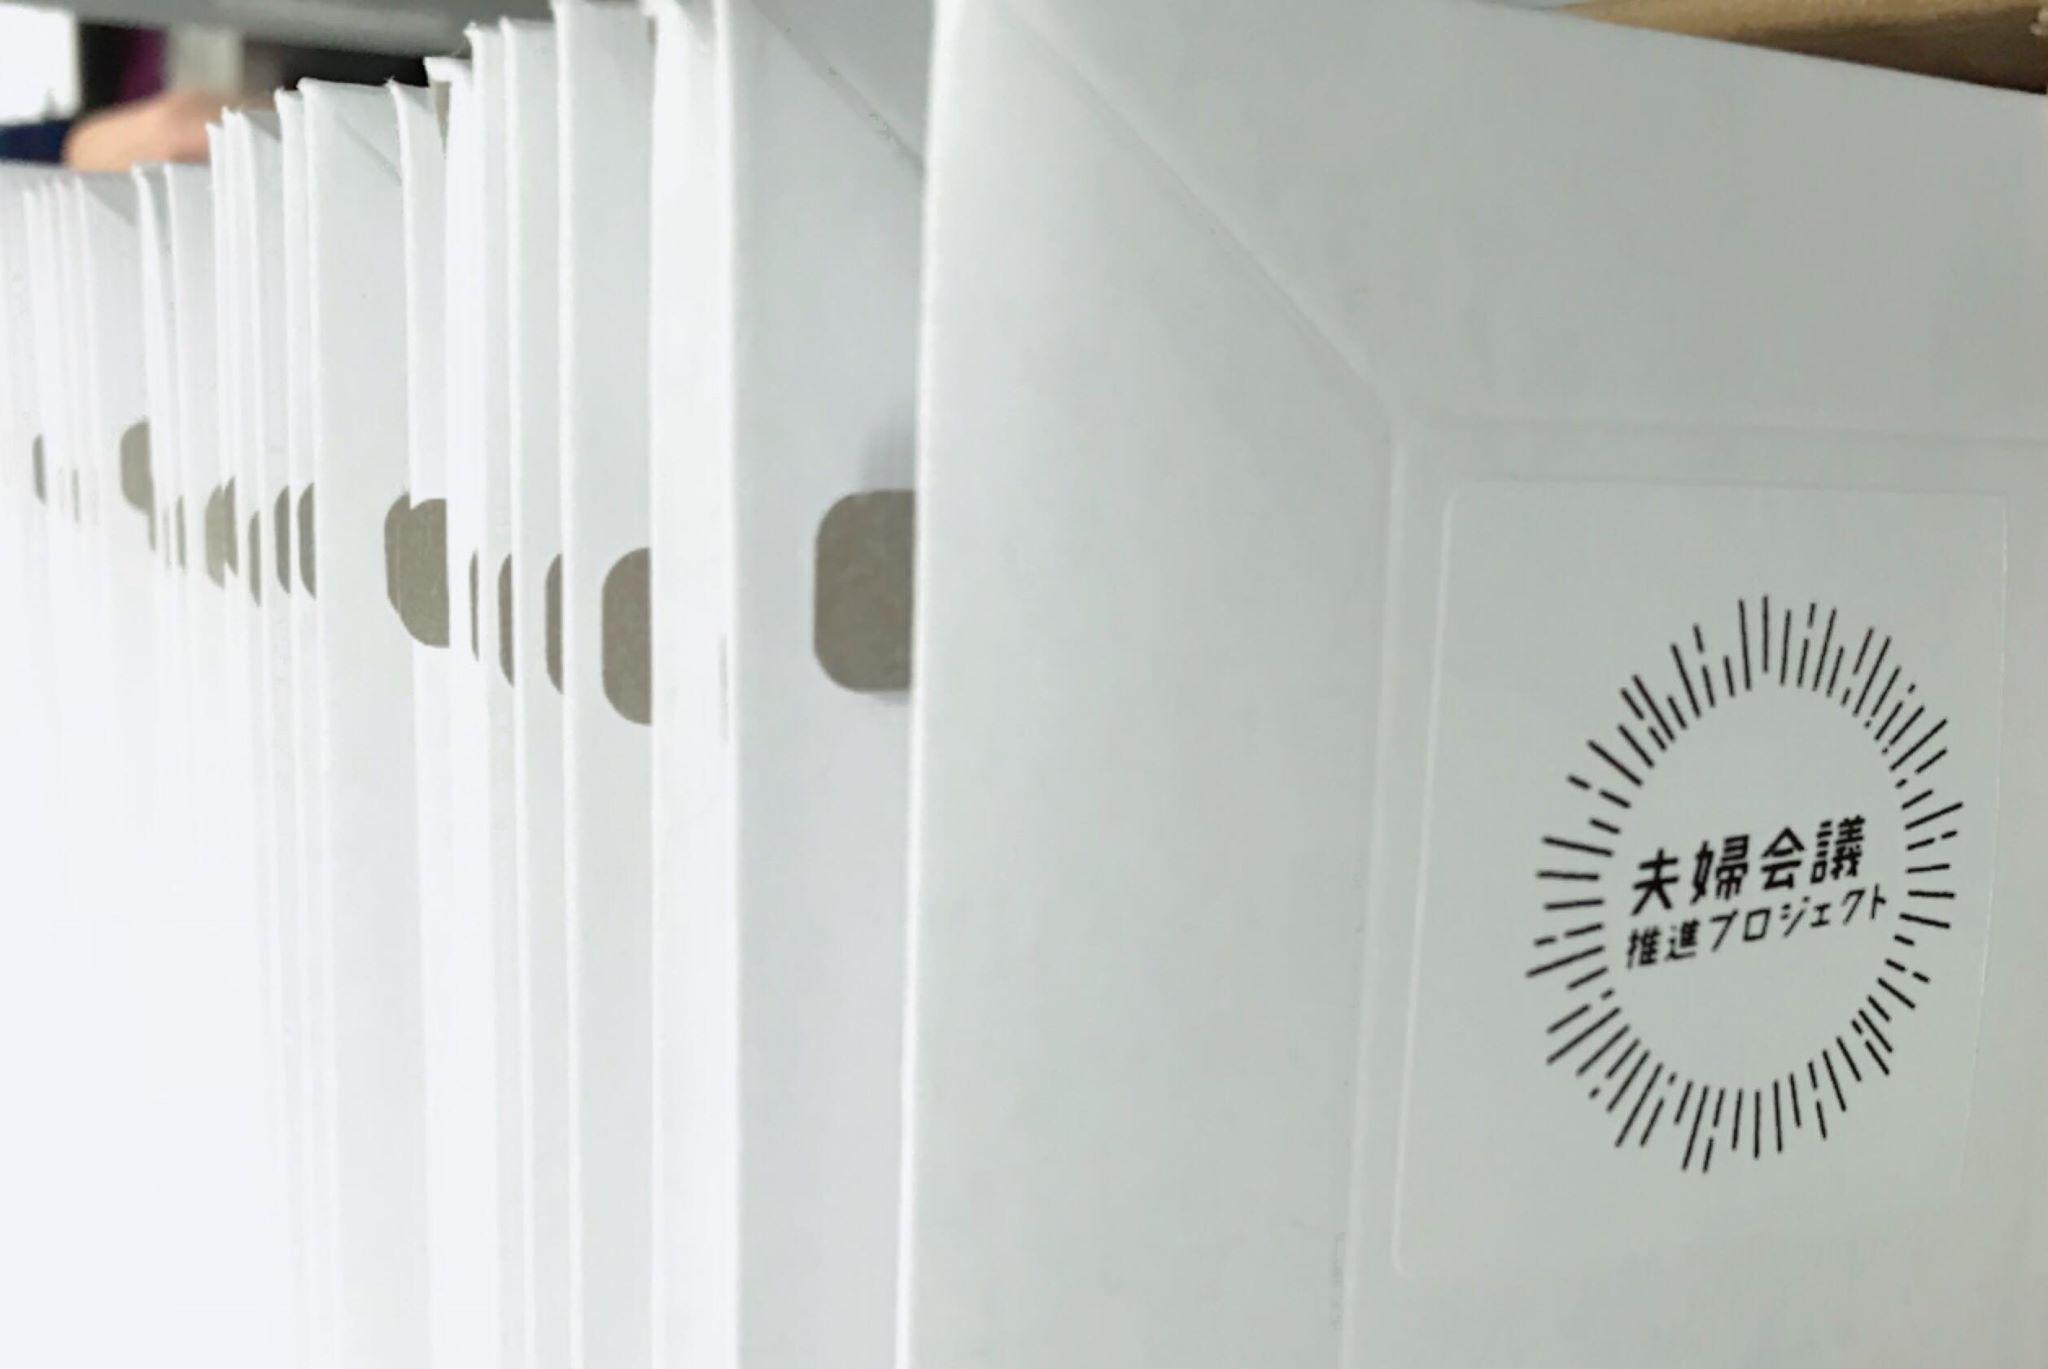 お待たせしました!夫婦会議ツール「世帯経営ノート」発送再開致しました!